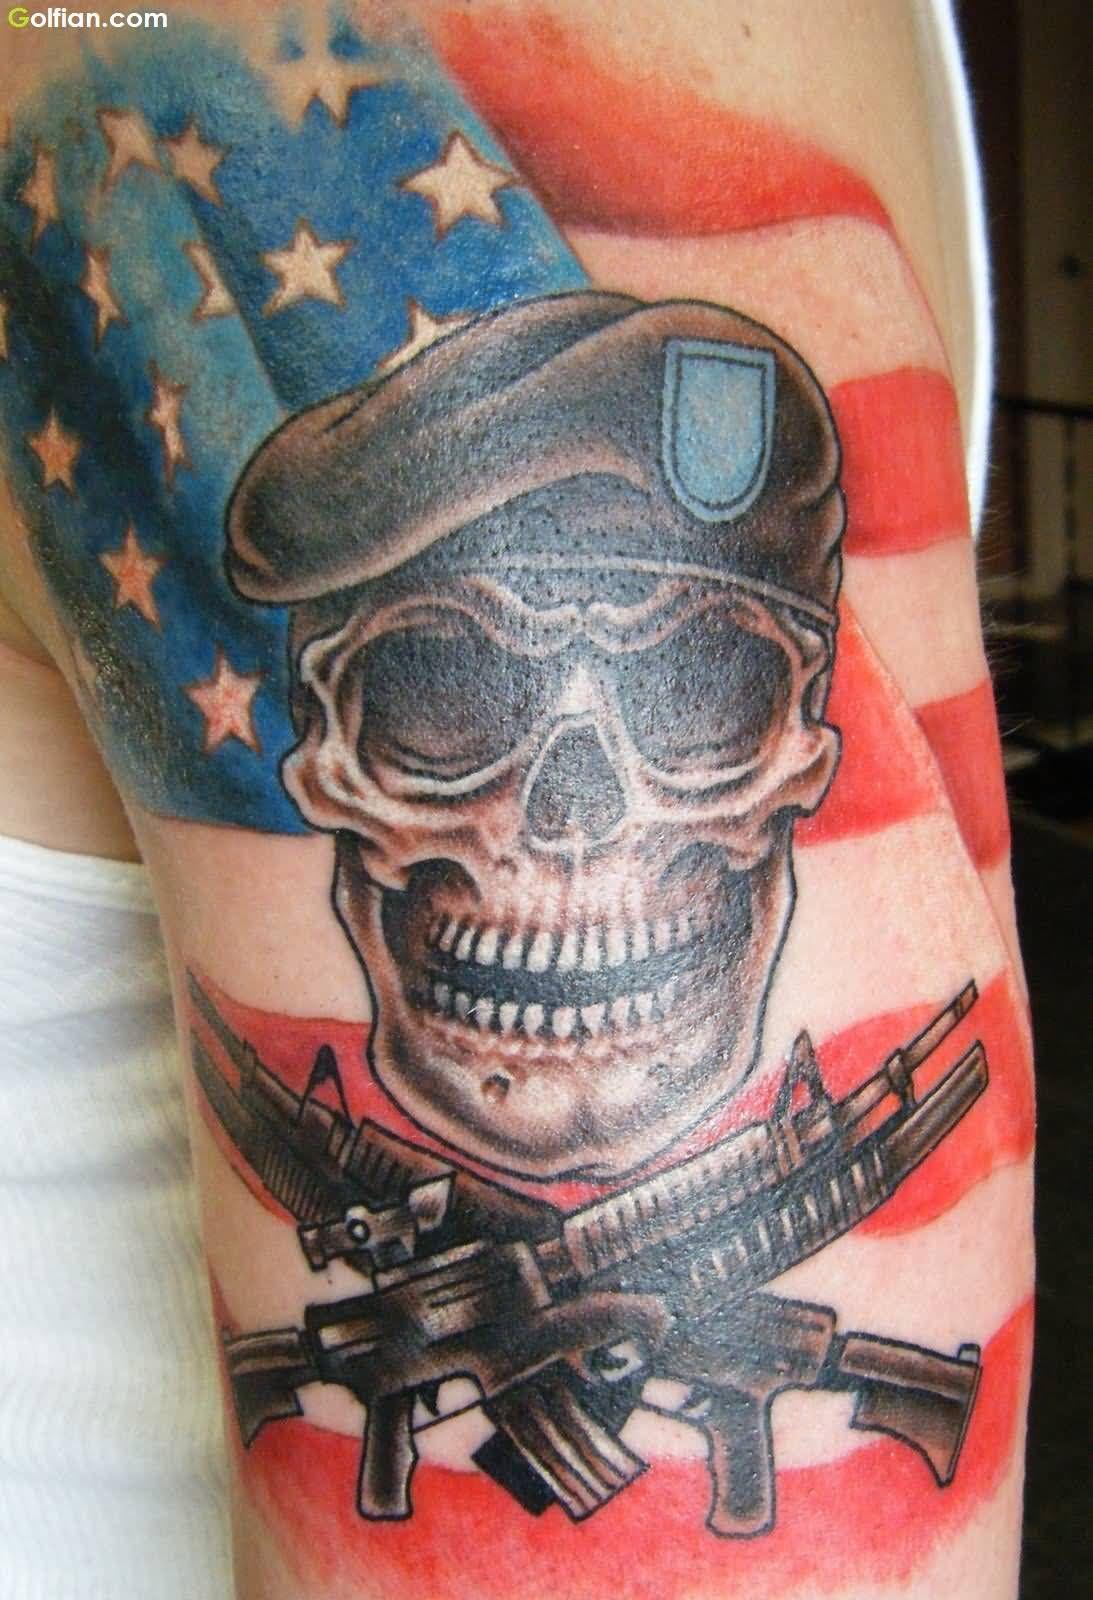 Tattoo Skull Army Arm Tattoo Sites